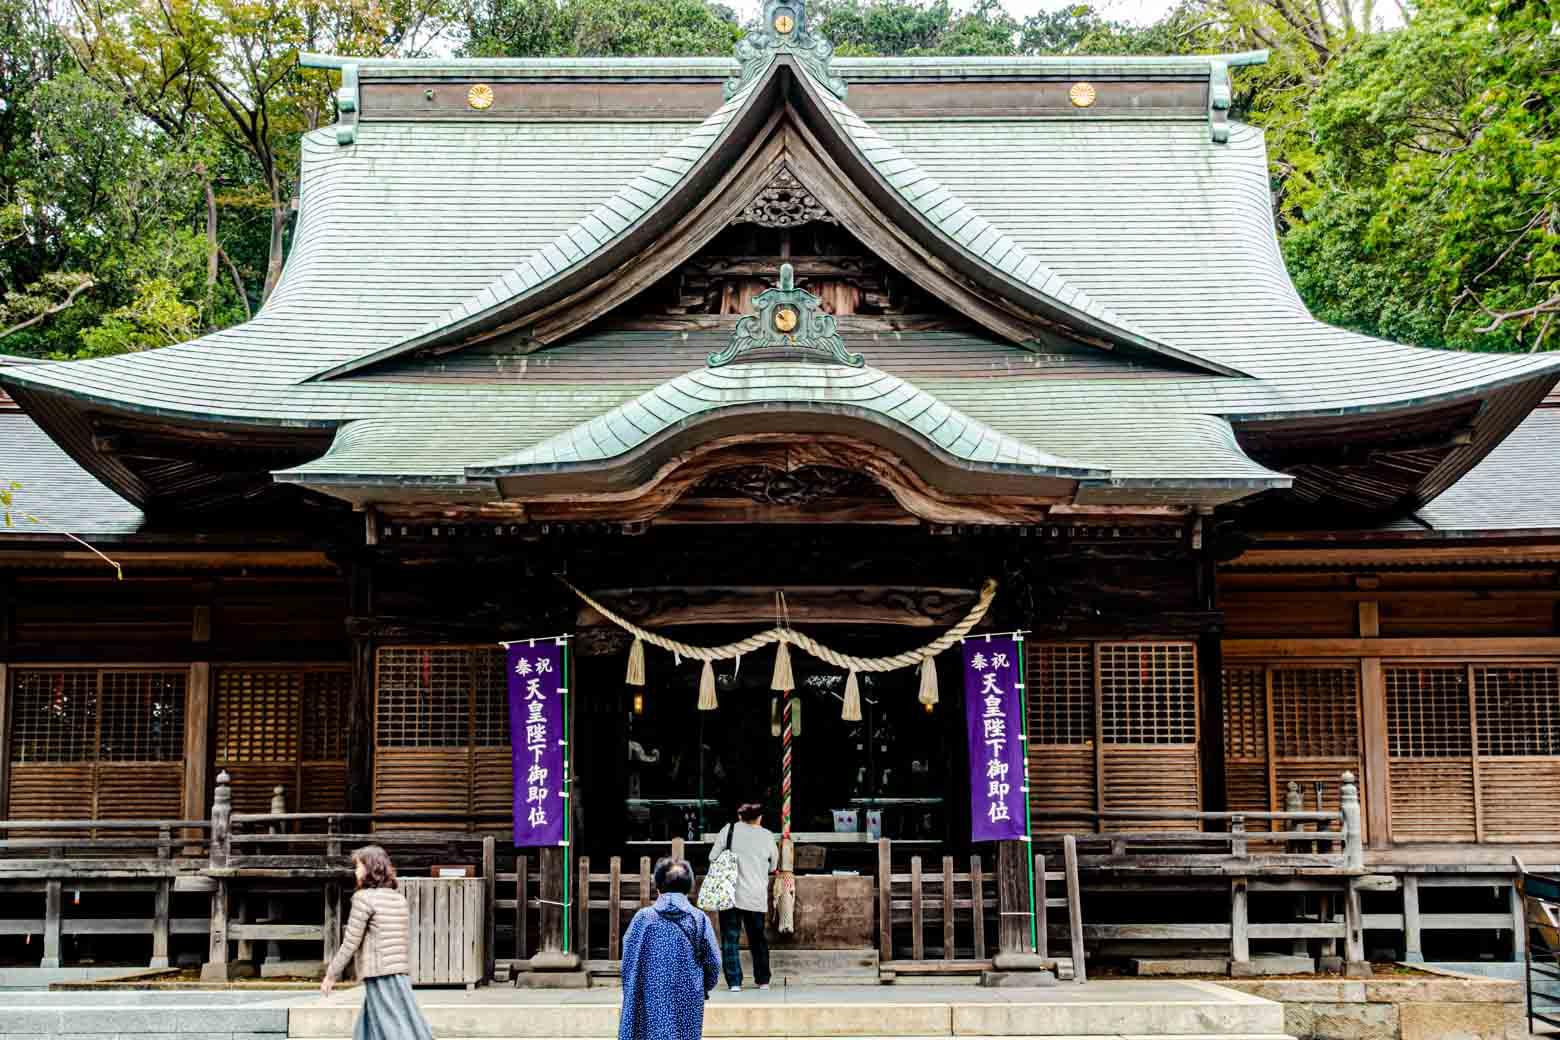 1300年近い歴史のある「師岡熊野神社」